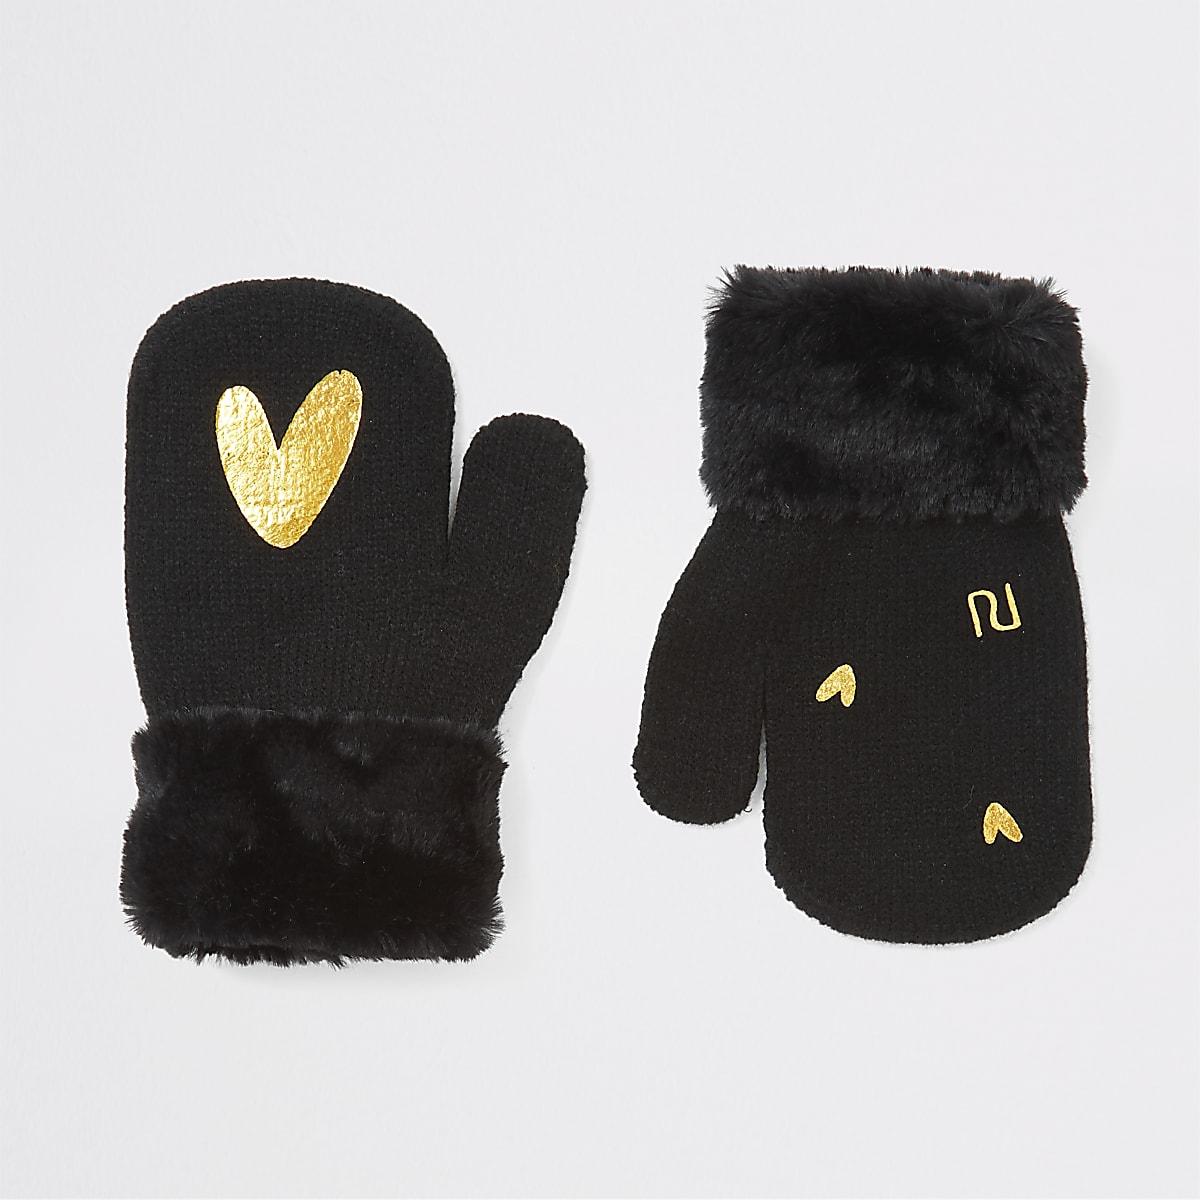 Mini - Zwarte wanten met harten folieprint voor meisjes